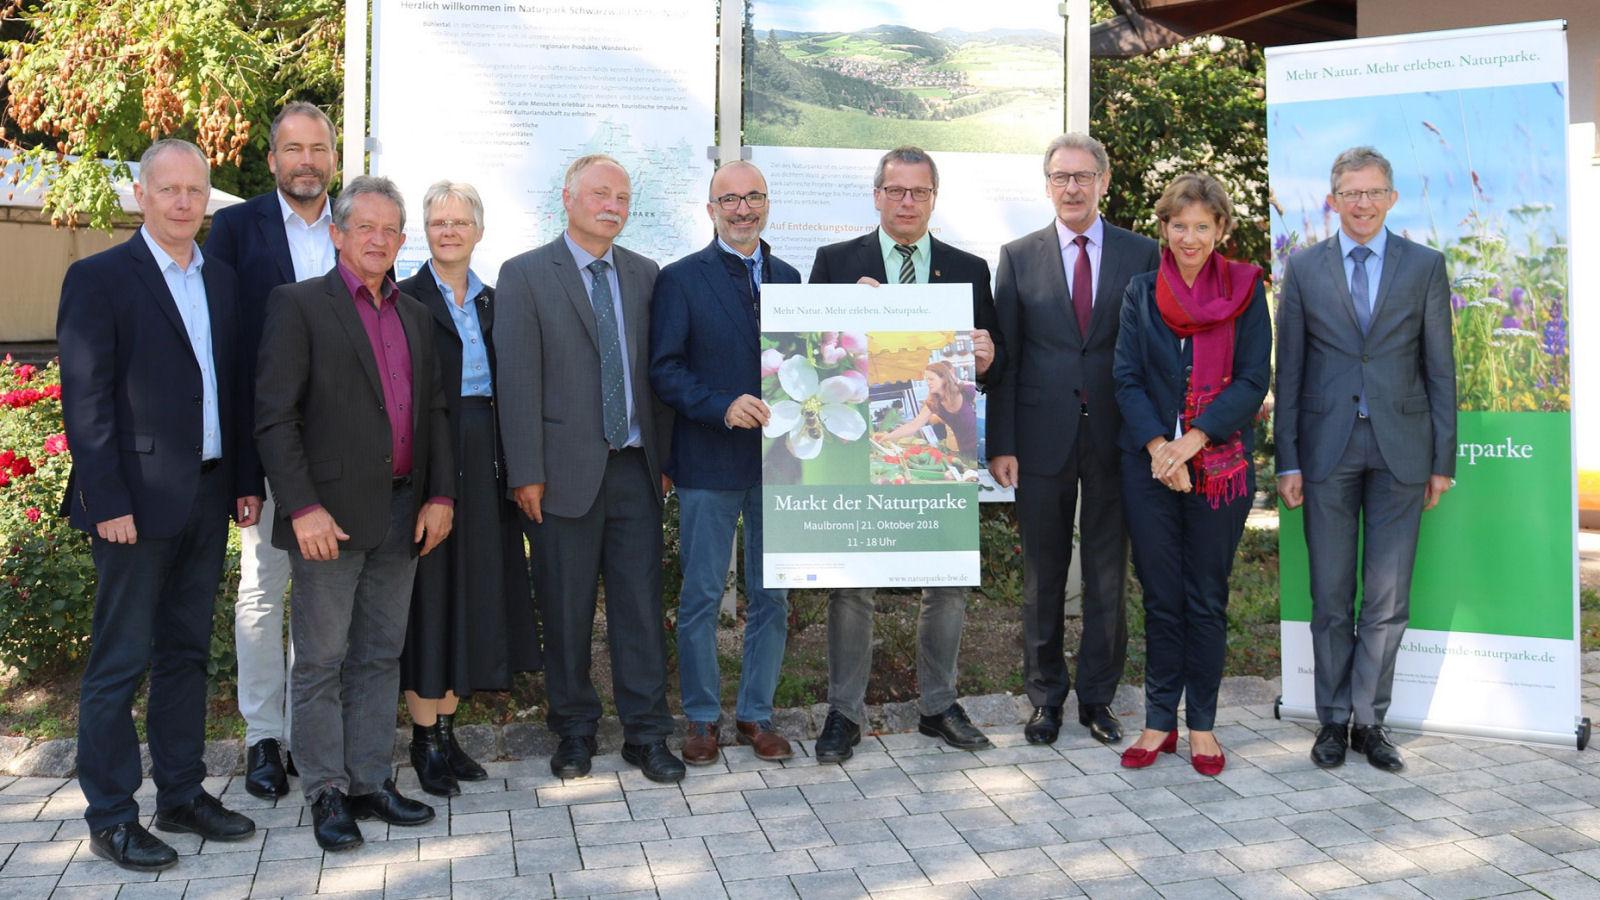 Freuen sich auf den großen Markt der Naturparke in Maulbronn am 21.10.2018 (v. l. n. r.): Karl-Heinz Dunker (Geschäftsführer Naturpark Schwarzwald Mitte/Nord), Roland Schöttle (Geschäftsführer Naturpark Südschwarzwald), Bernhard Drixler (Geschäftsführer N